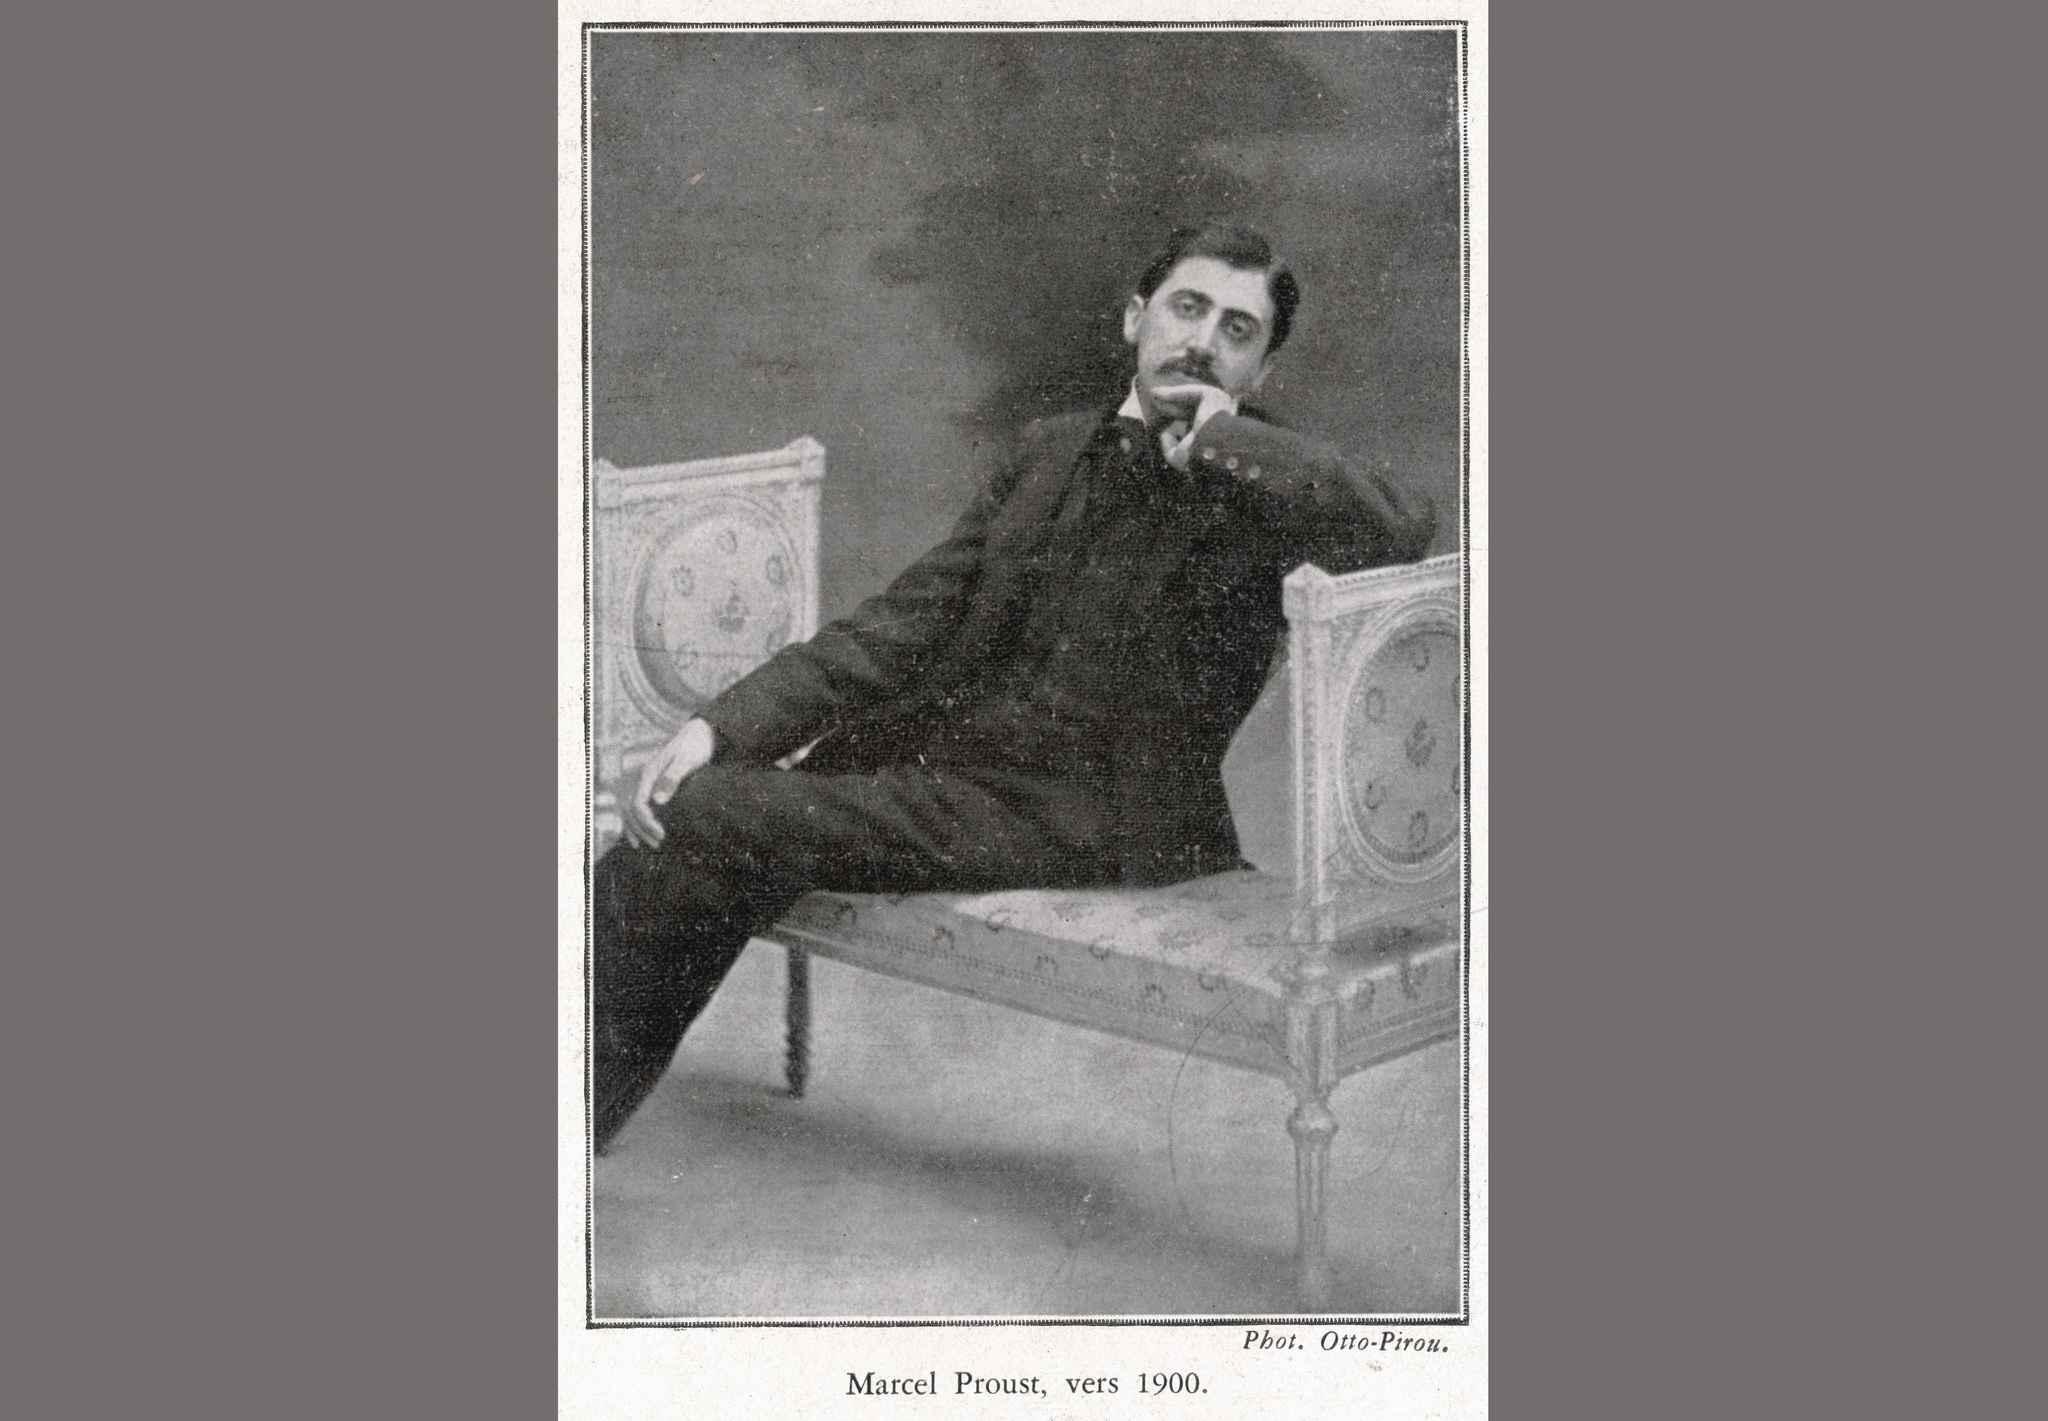 Un chercheur pense avoir découvert les premières images filmées de Marcel Proust